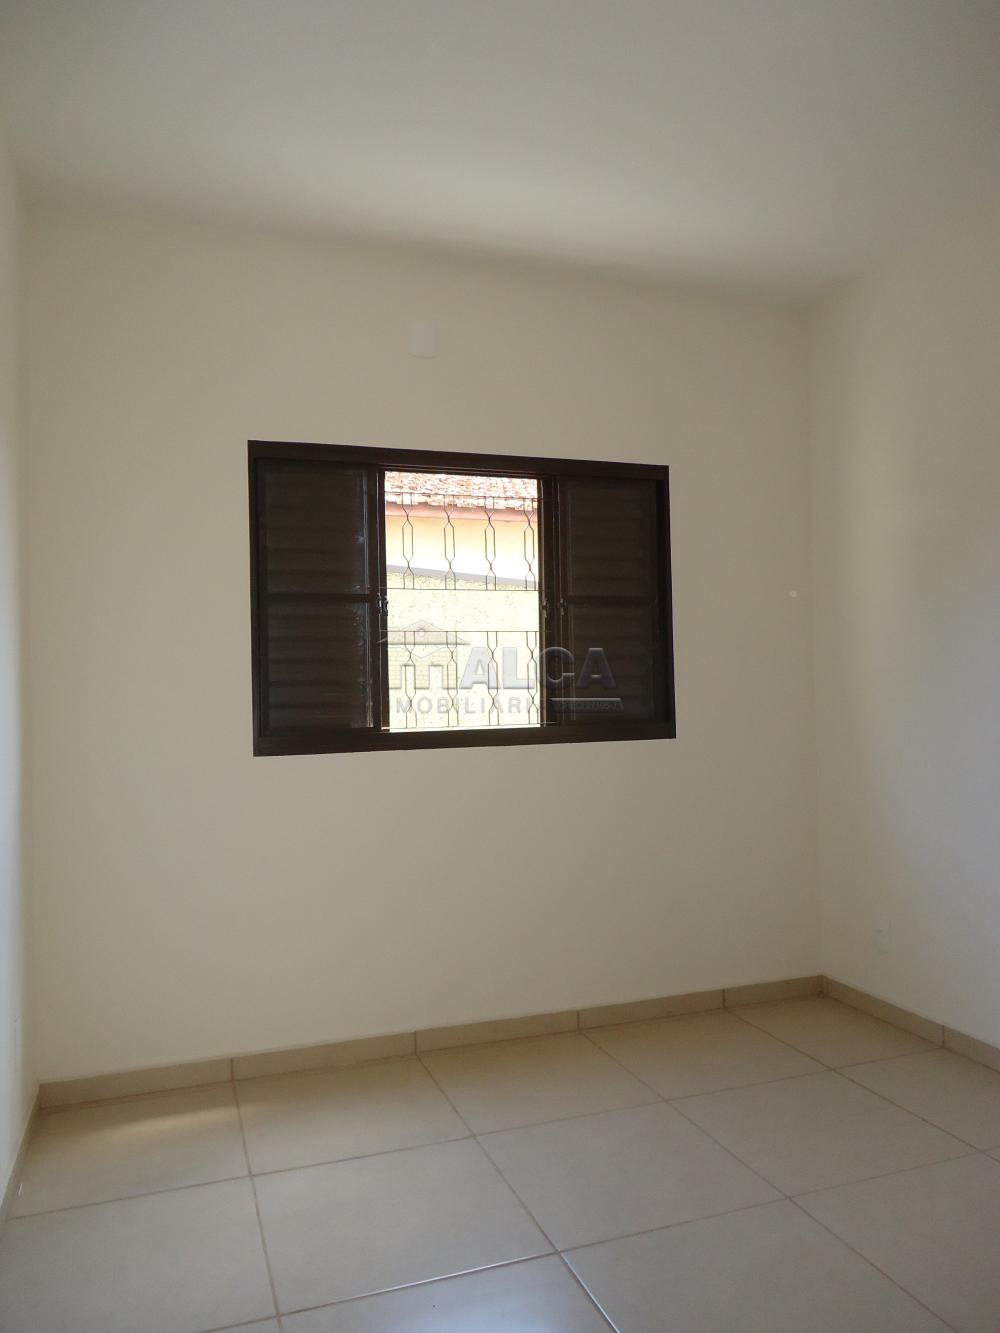 Alugar Apartamentos / Padrão em São José do Rio Pardo R$ 935,00 - Foto 25